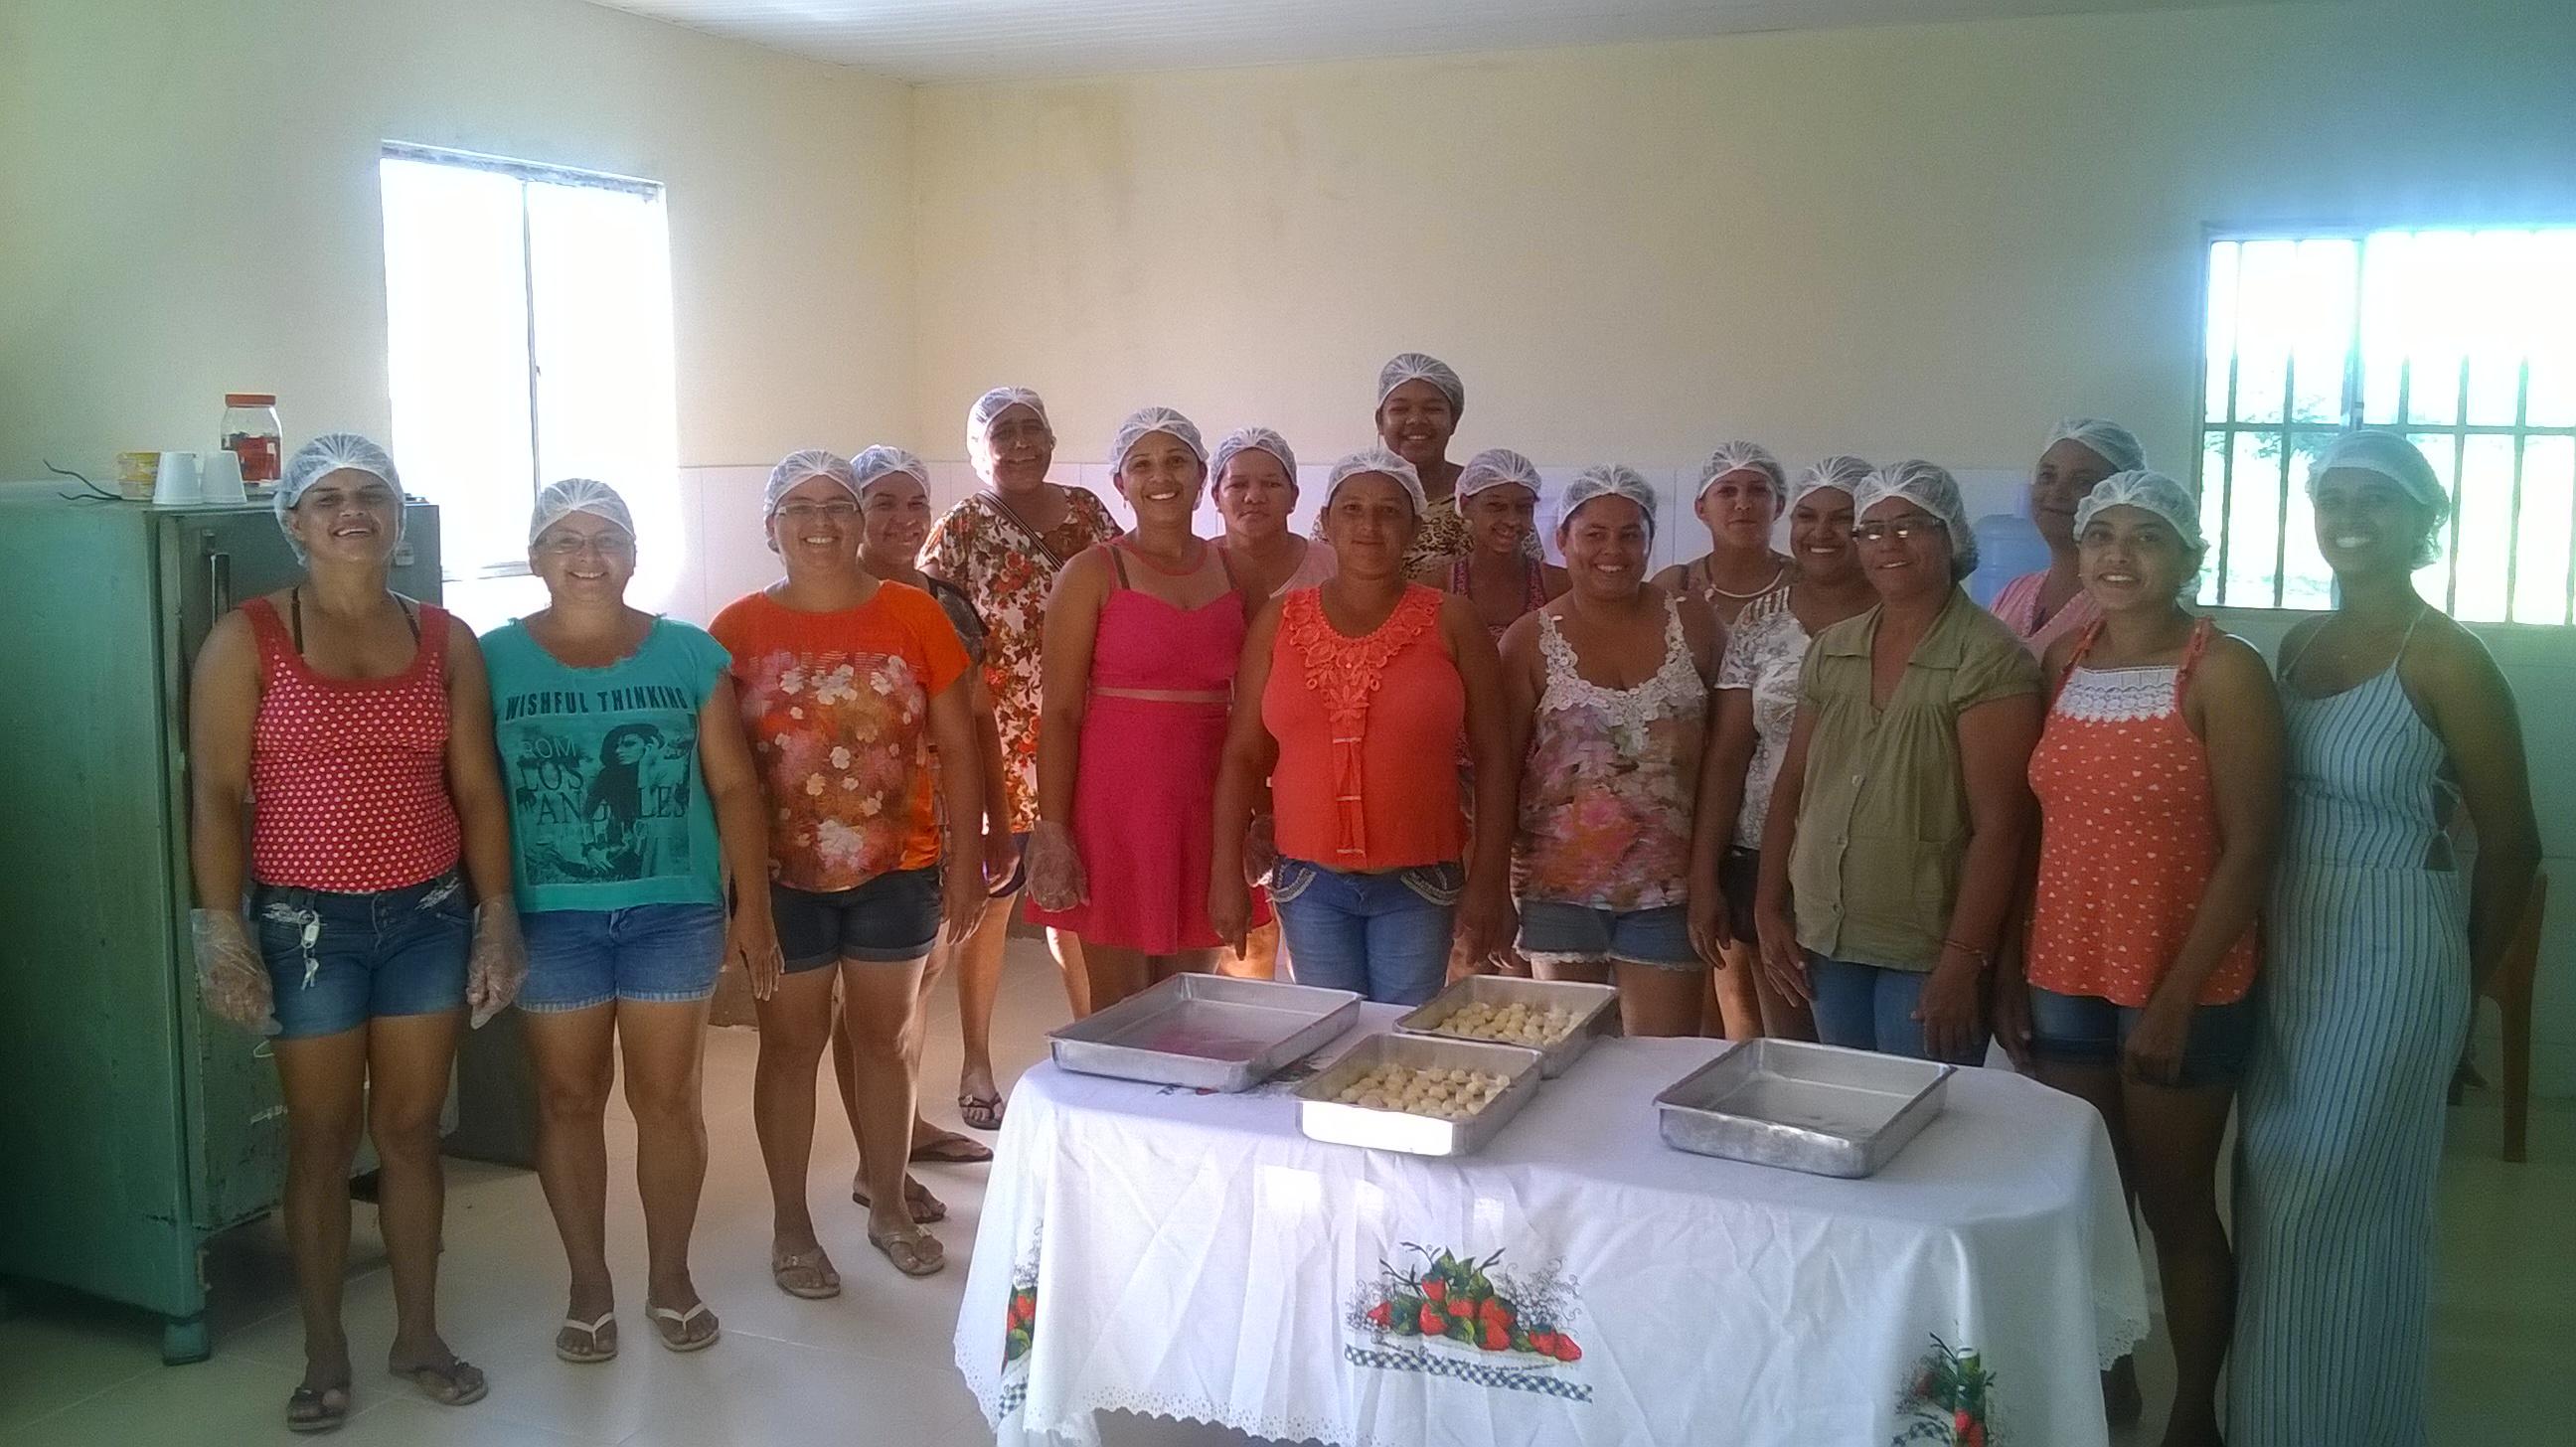 Mulheres de comunidade no Cariri geram sua renda a partir de sobras de alimentos que seriam jogadas fora